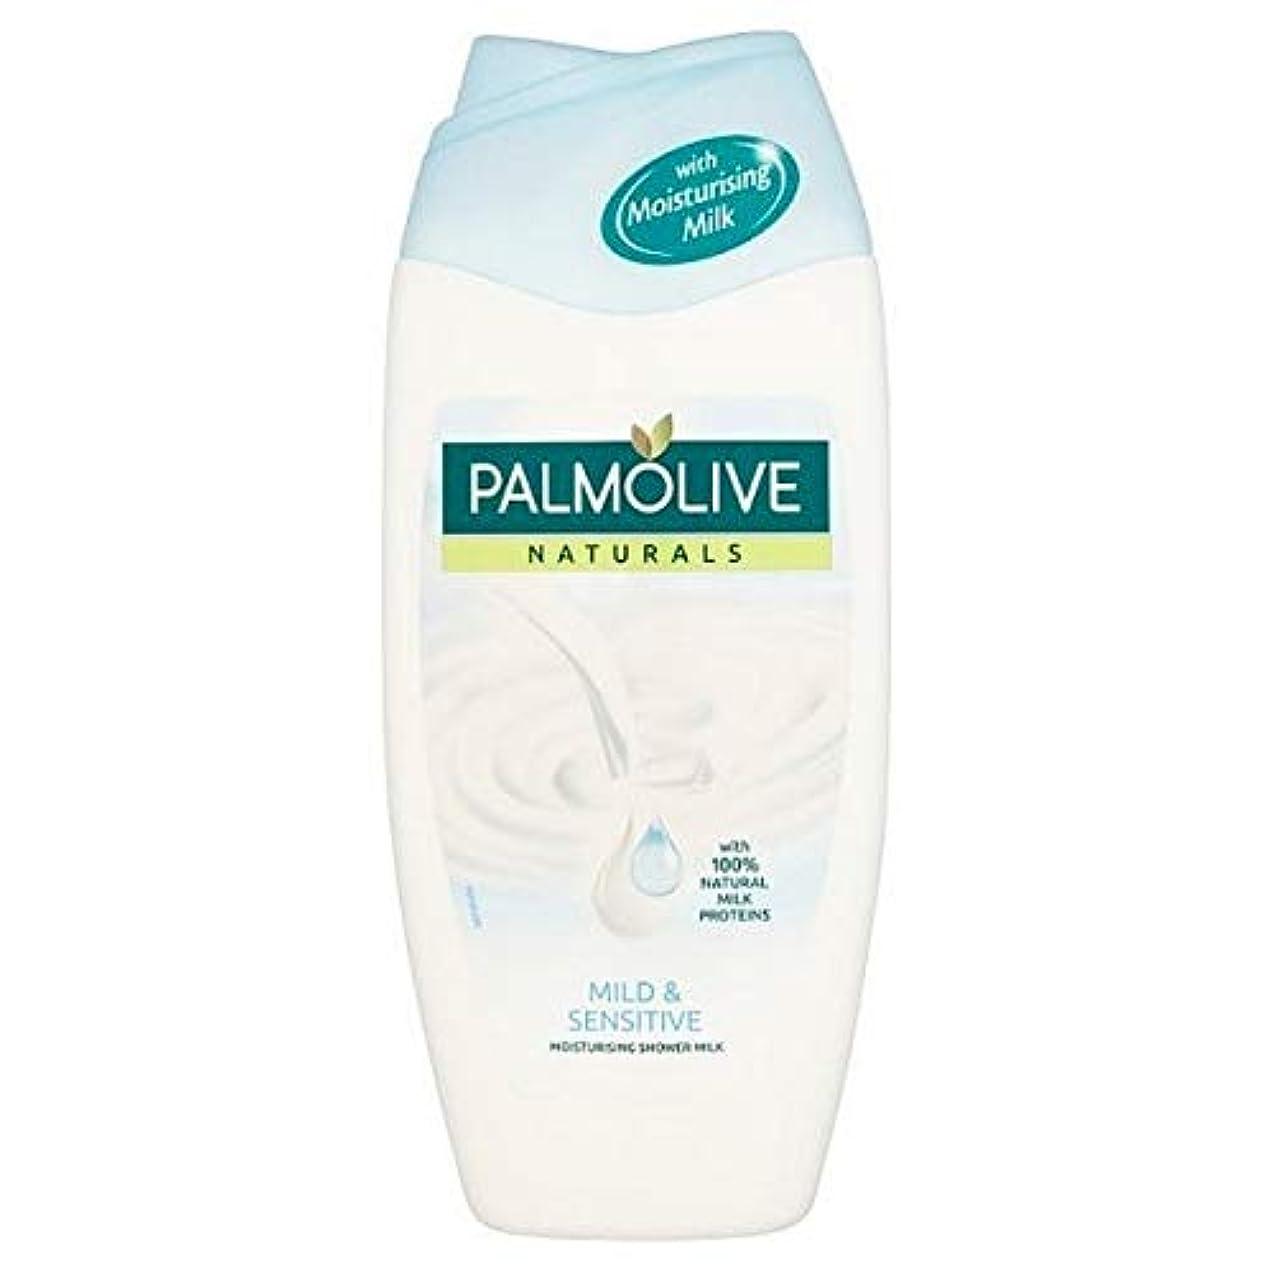 受信慎重にシャックル[Palmolive ] パルモライブナチュラル敏感肌シャワージェルクリーム250ミリリットル - Palmolive Naturals Sensitive Skin Shower Gel Cream 250ml [並行輸入品]